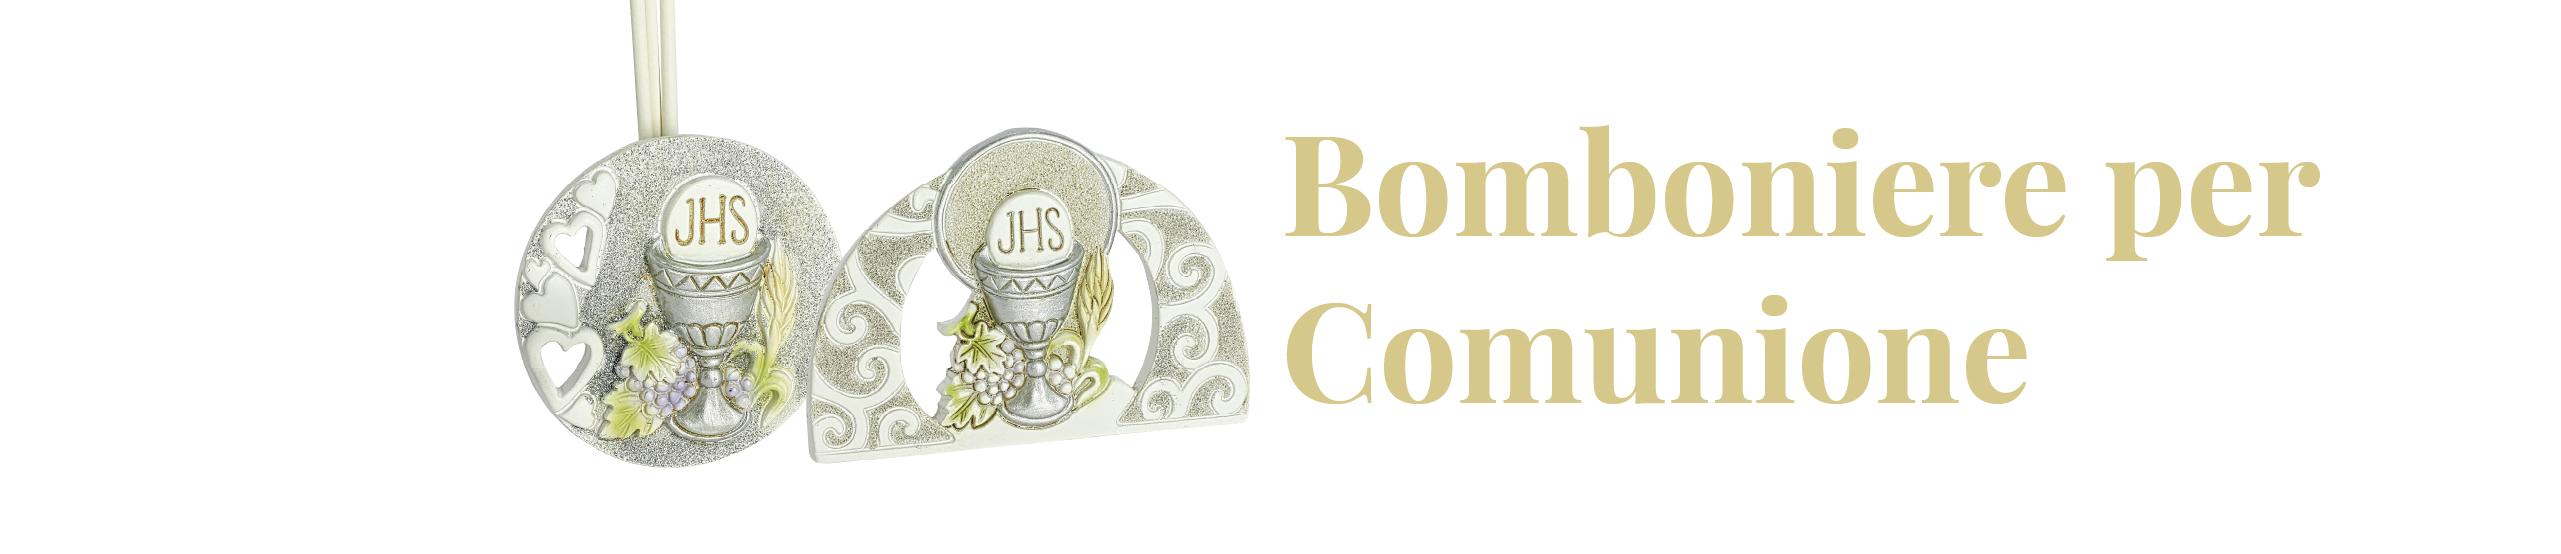 Bomboniere per comunione